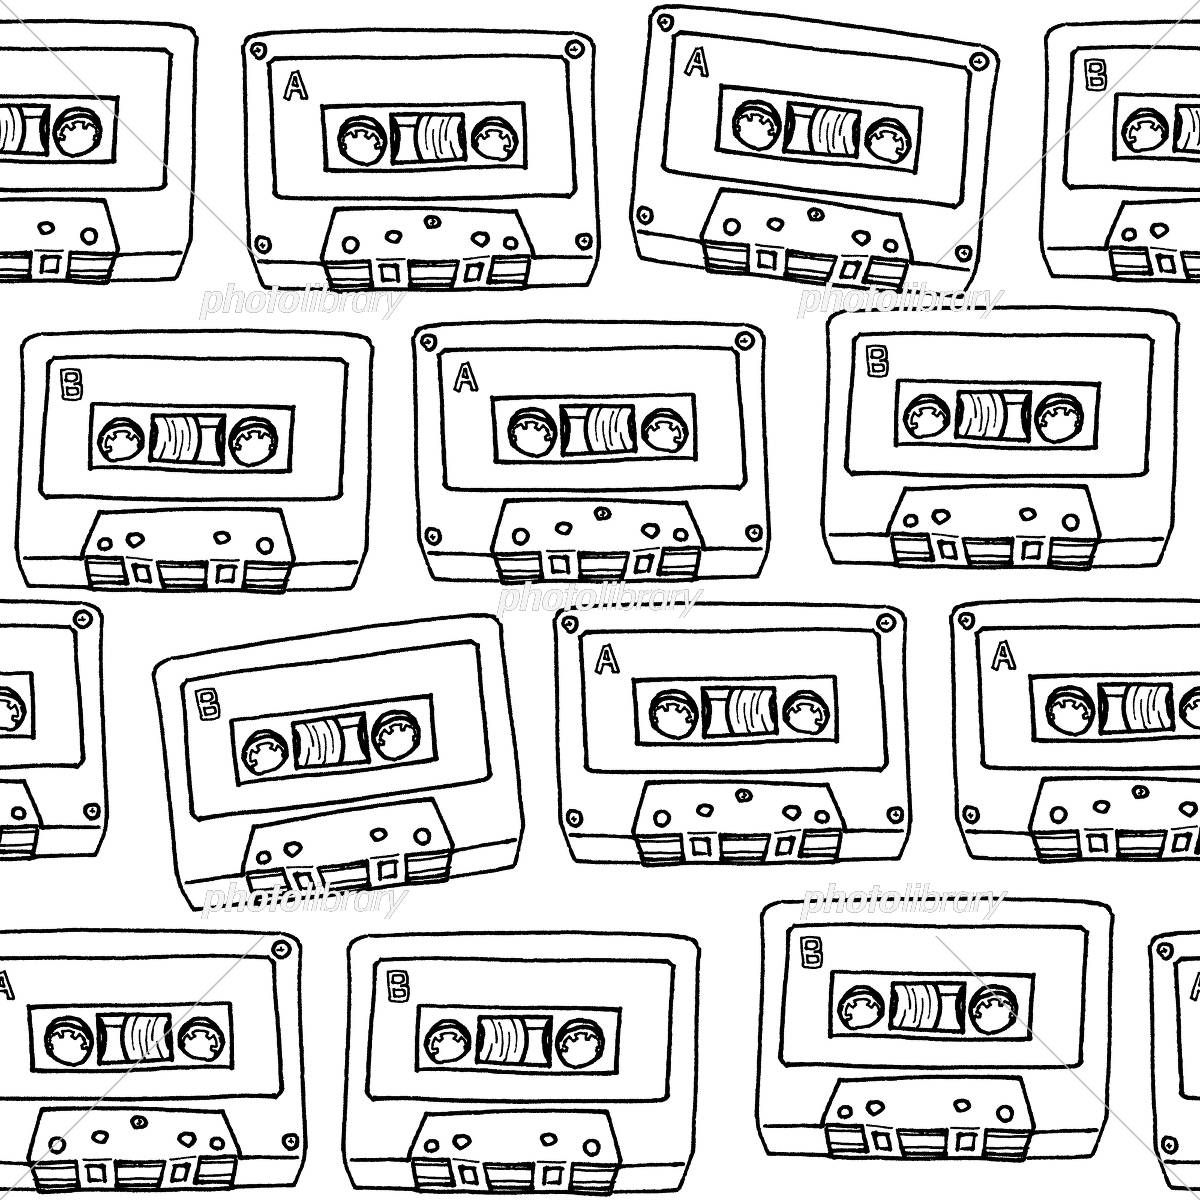 カセットテープのパターンモノクロ線画 イラスト素材 5009880